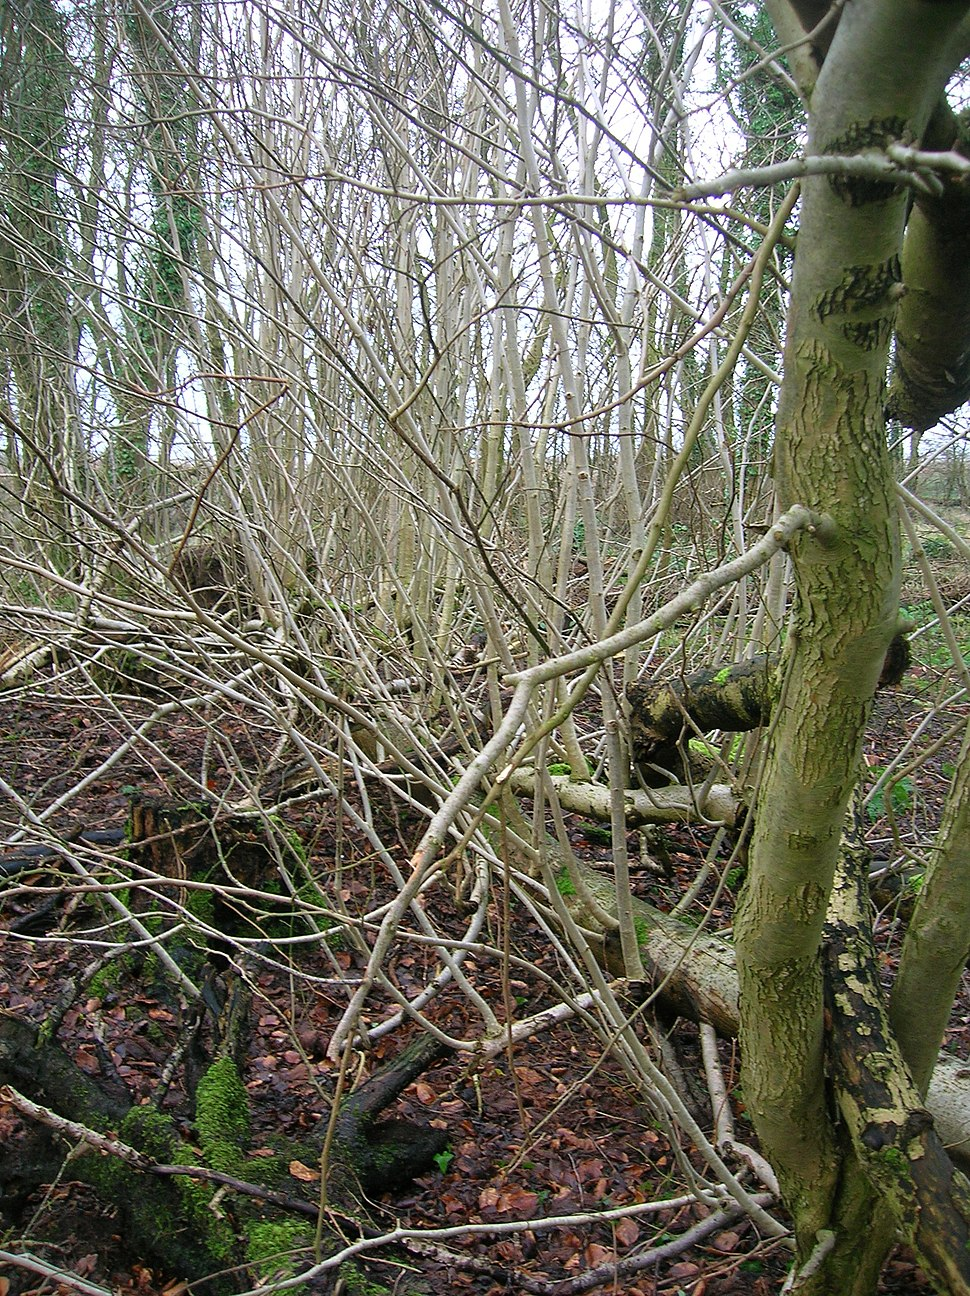 Treelets on fallen Ash tree